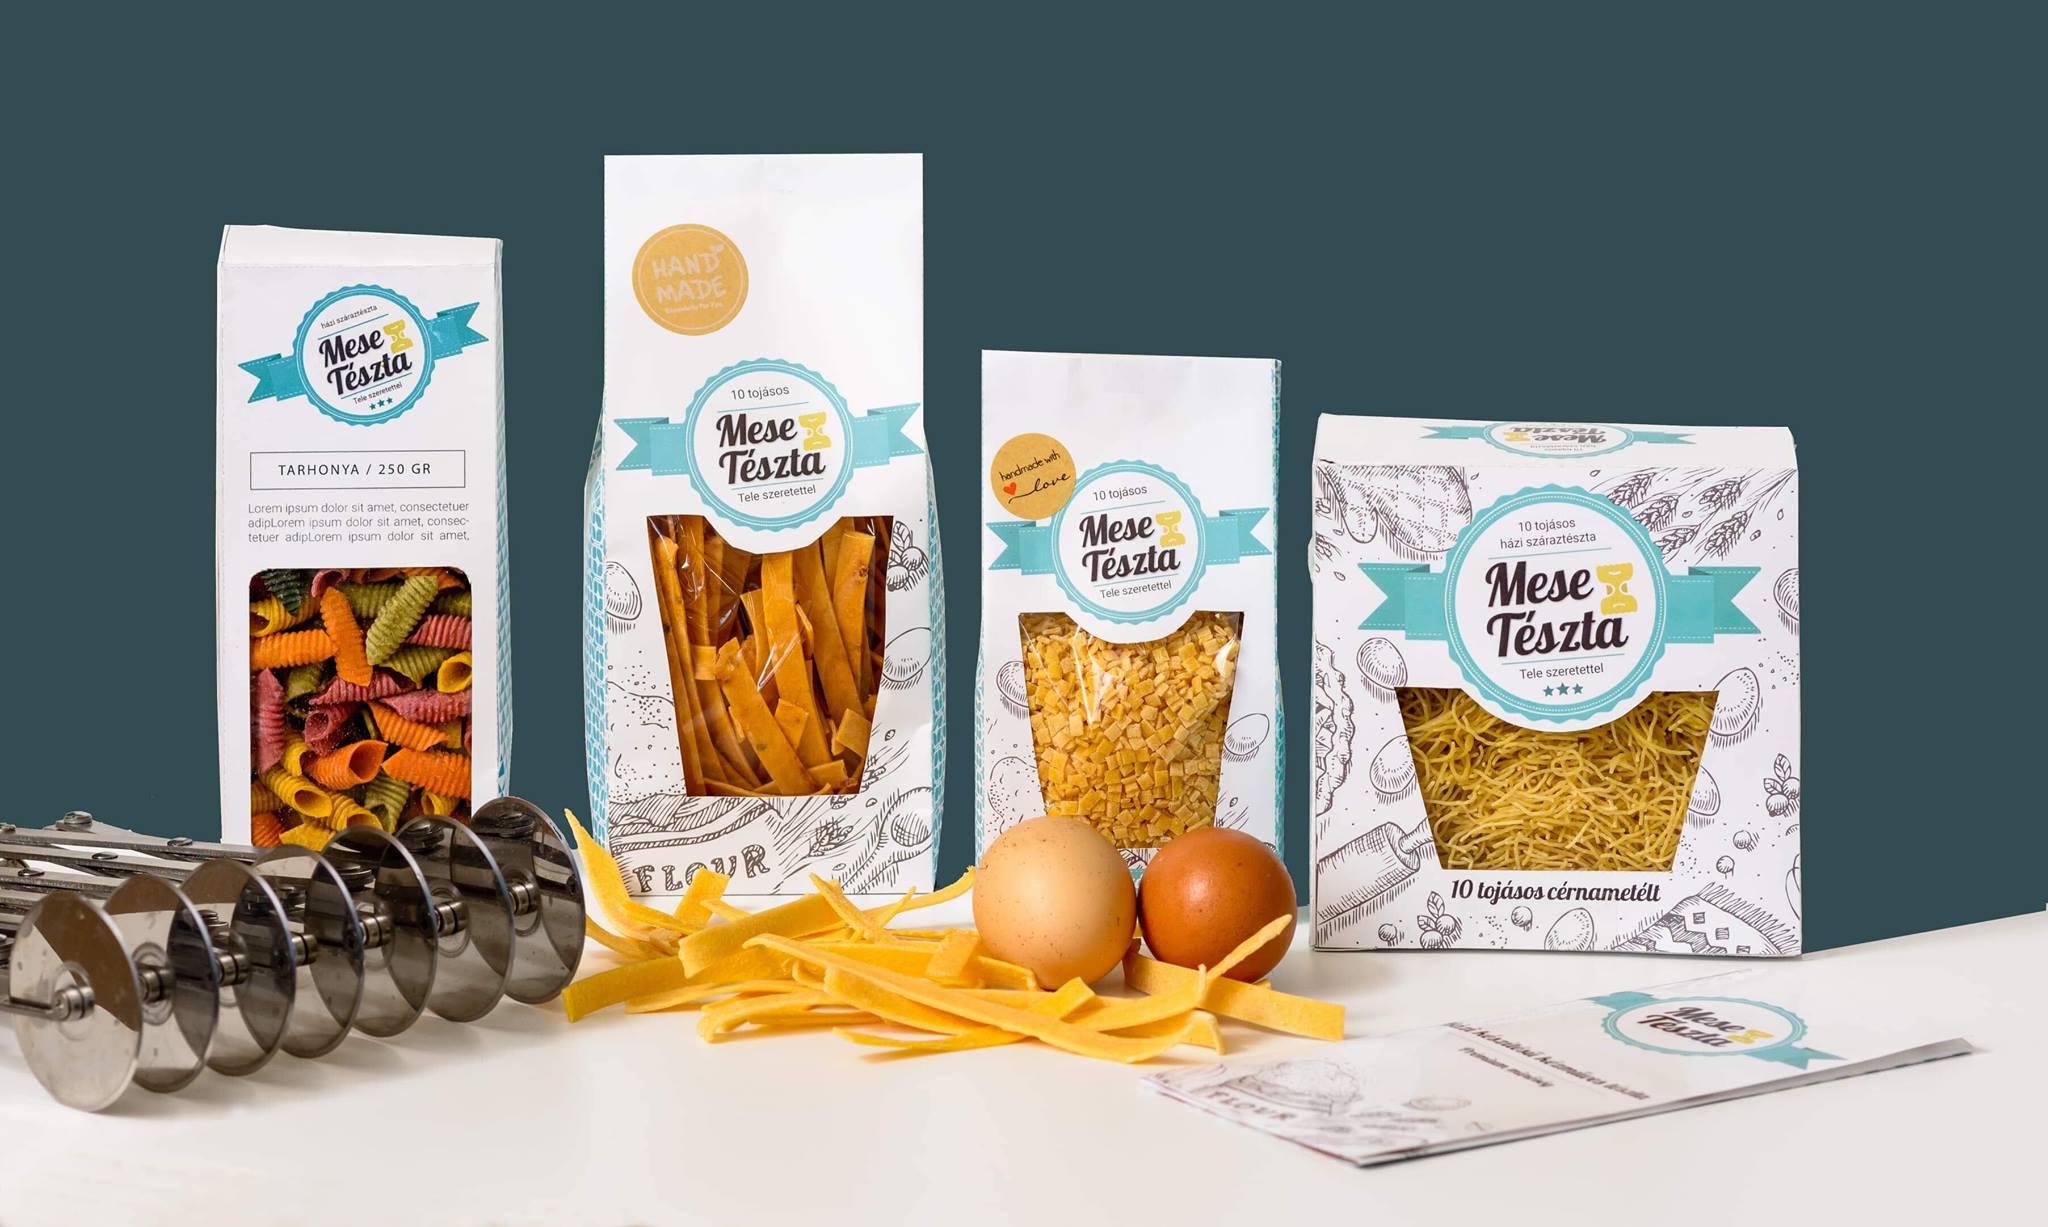 Weisz-Jakócs Emese a MeseTészta termékek megálmodója és gyártója, aki 3 gyerek mellett kezdett el adalékanyag mentes házi tésztákat készíteni saját tyúkjainak tojásaiból. Sokat kísérletezik, már ízesített és természetesen színezett tésztákat is készít.<br />@izenguzblog